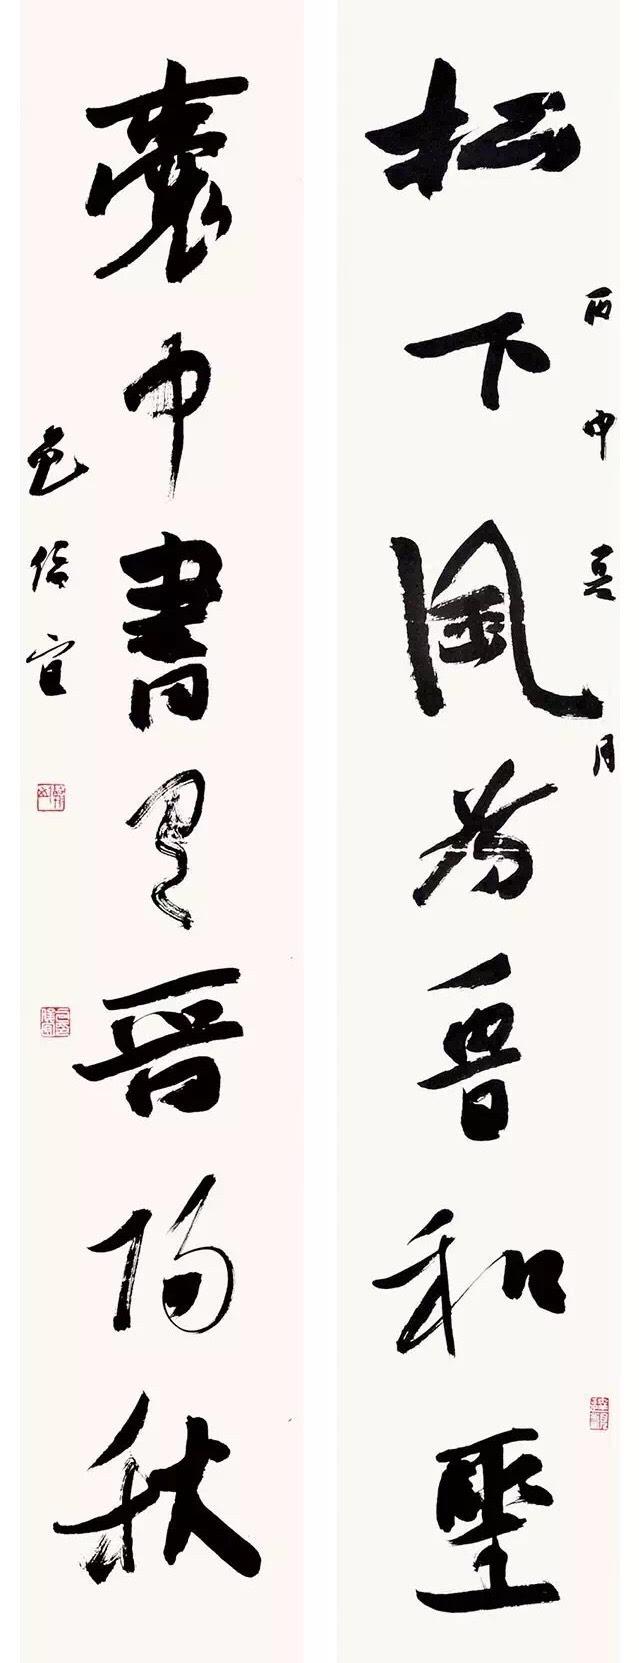 俊宜先生始终坚守在篆书的领域,近年来在天荒地老,意象宏阔的大篆中图片